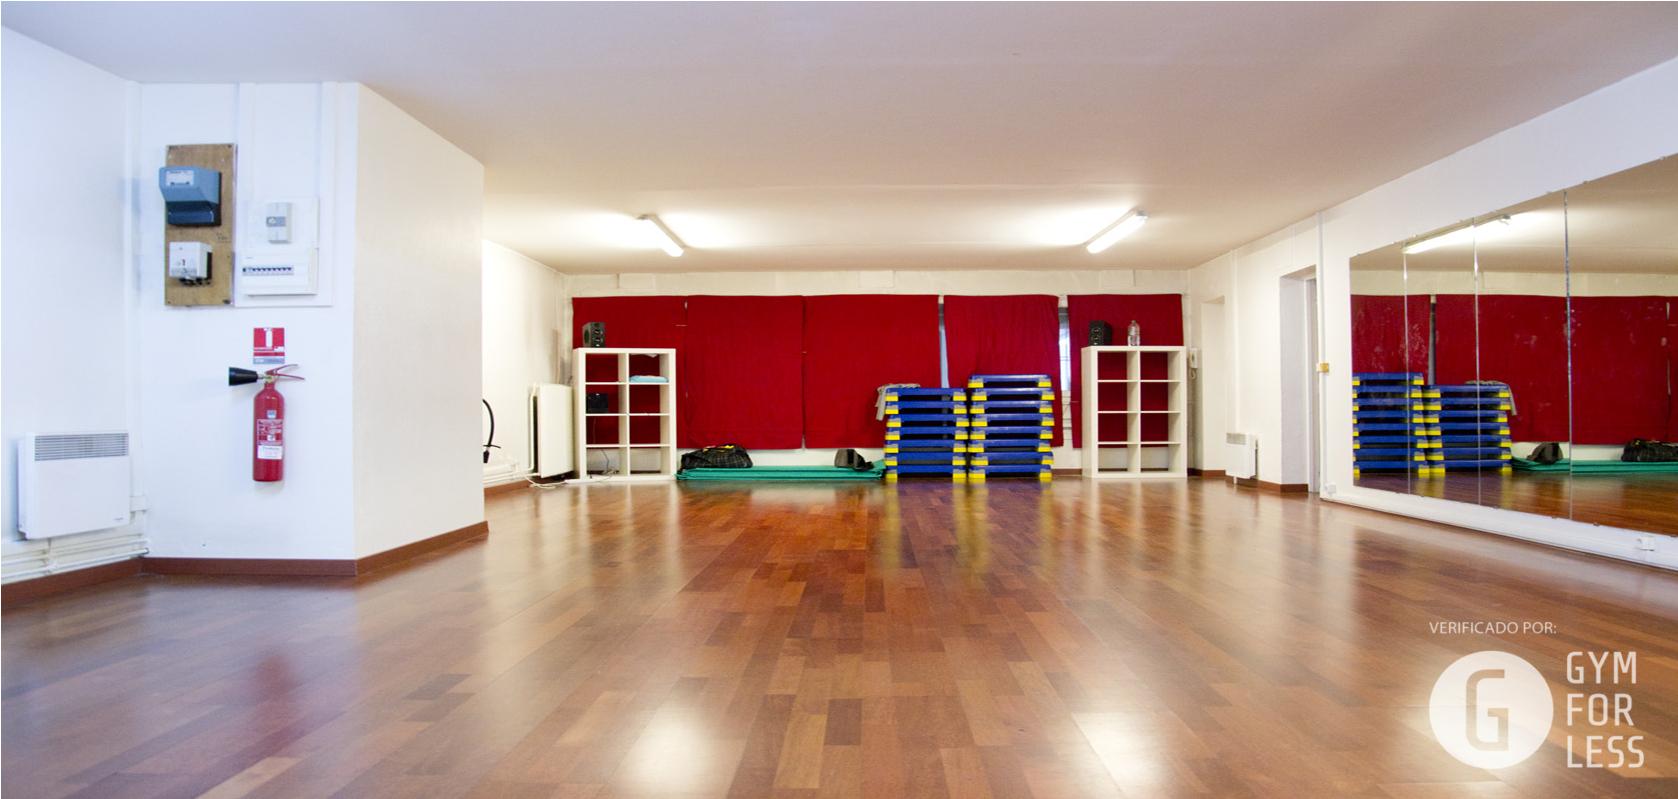 les meilleurs tarifs et activit s pour le centre salle pelleport paris sport club paris. Black Bedroom Furniture Sets. Home Design Ideas